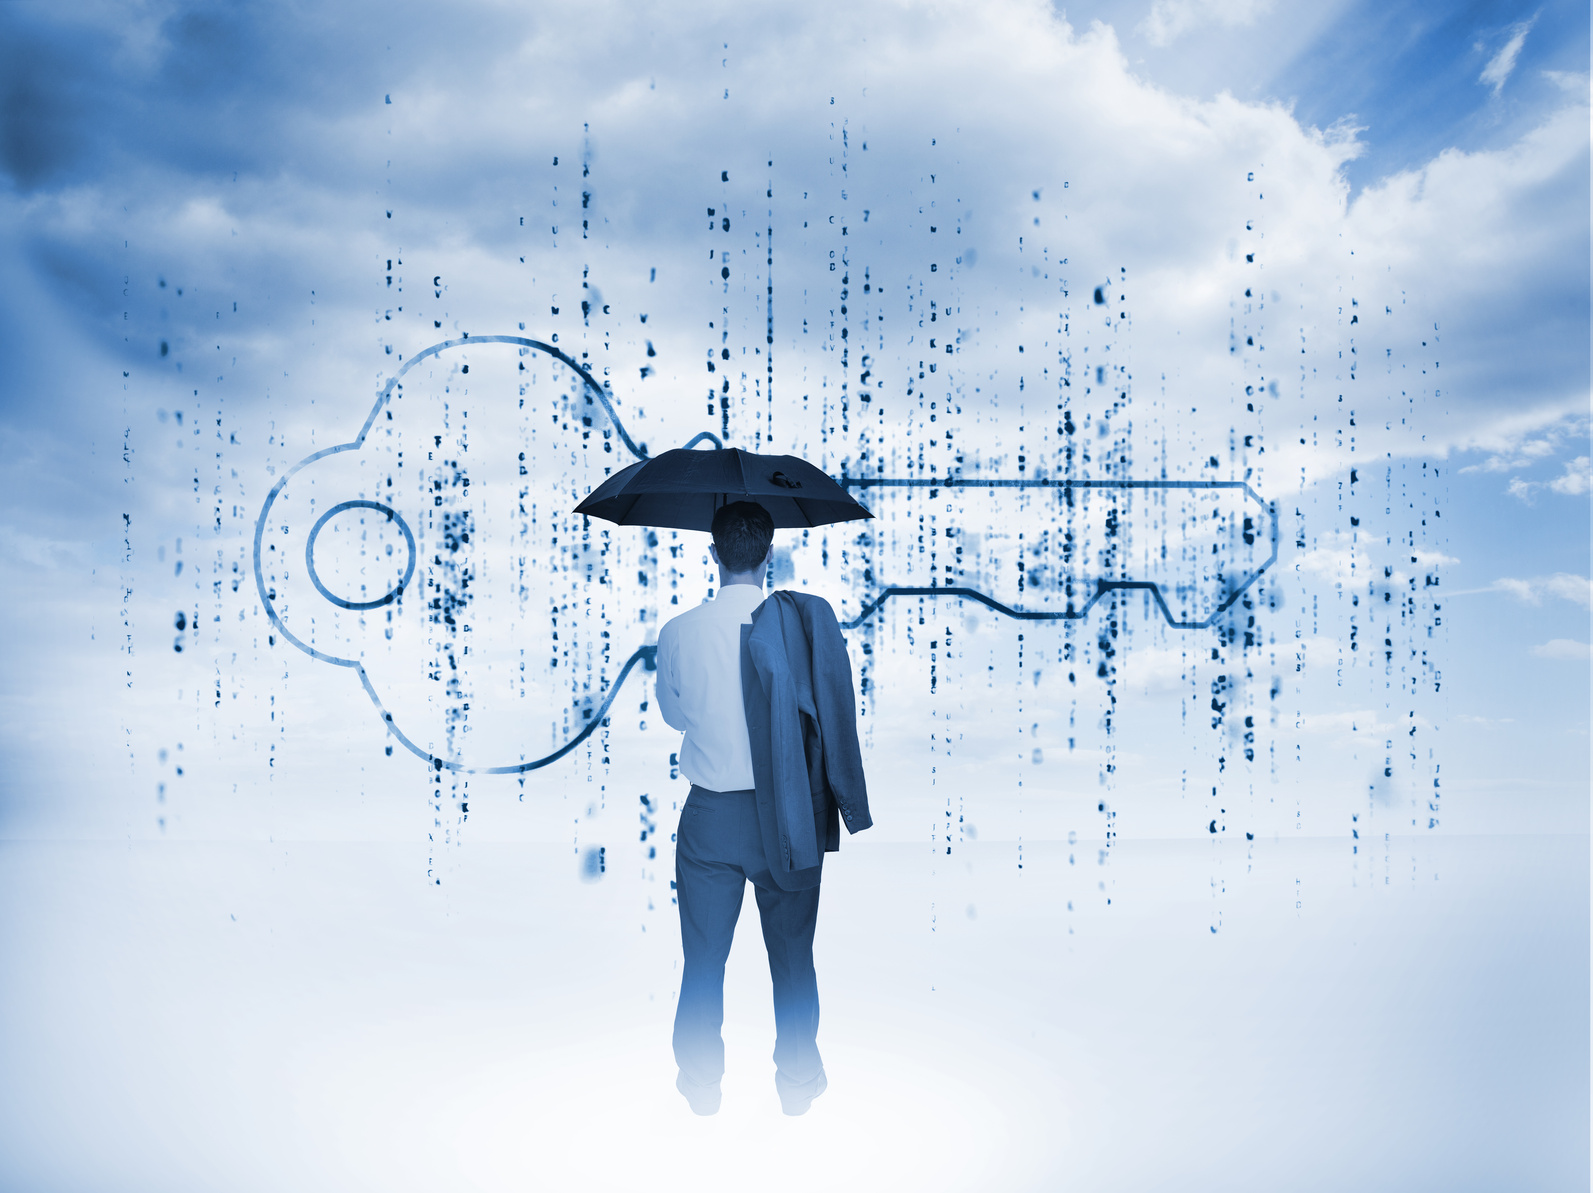 Norul ameninţărilor atacă şi cloud computing